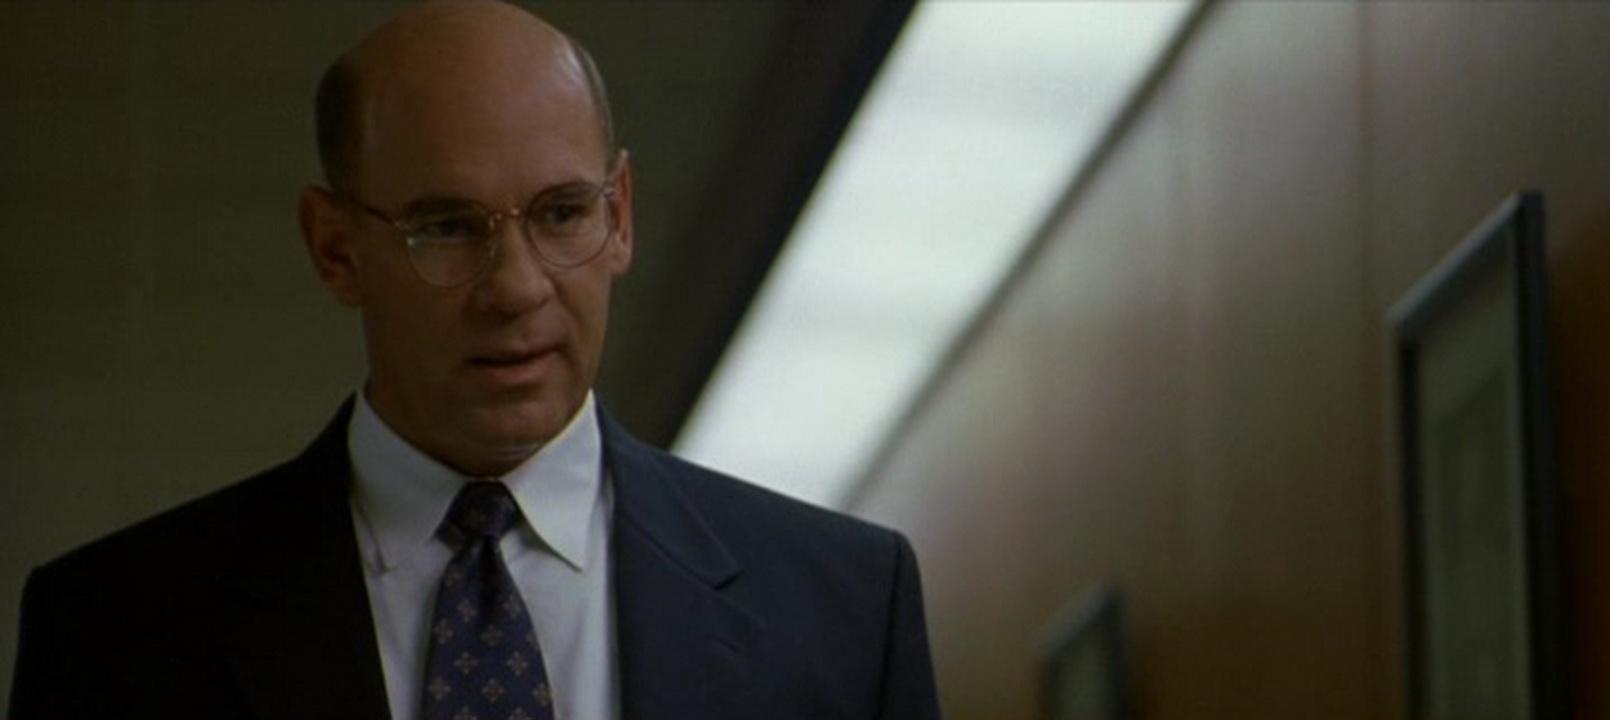 فيلم The X Files 1998 مترجم